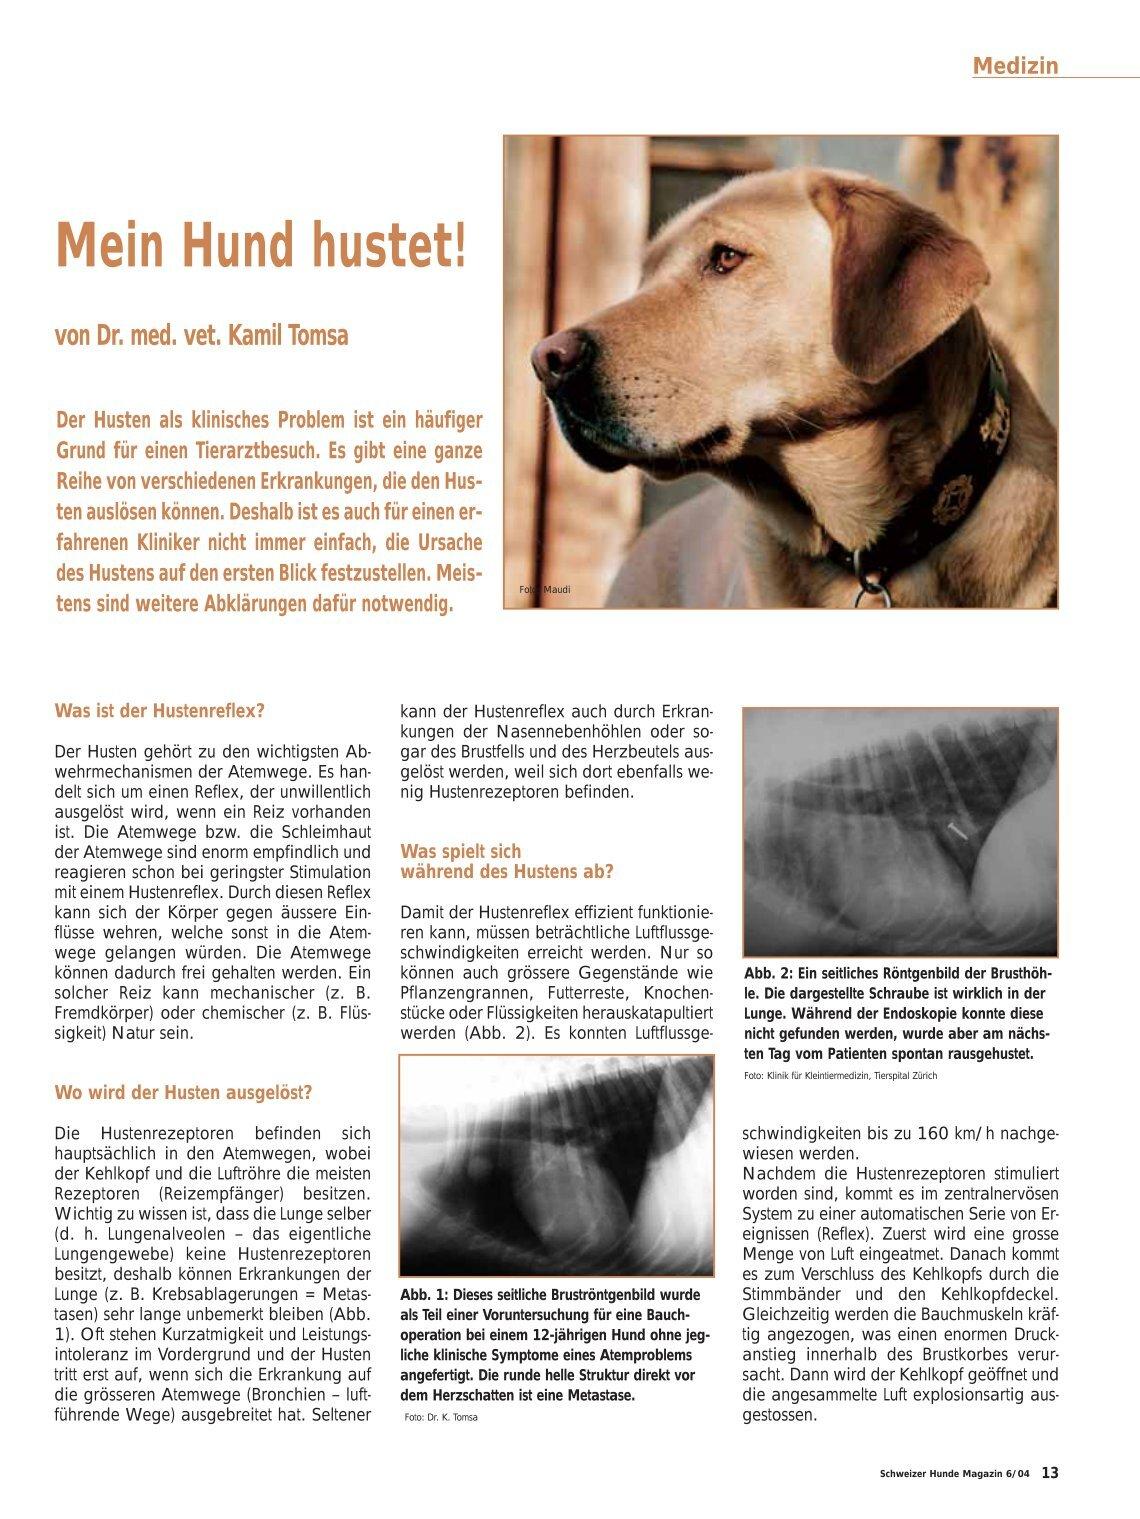 Großartig Hund Bauch Anatomie Ideen - Menschliche Anatomie Bilder ...